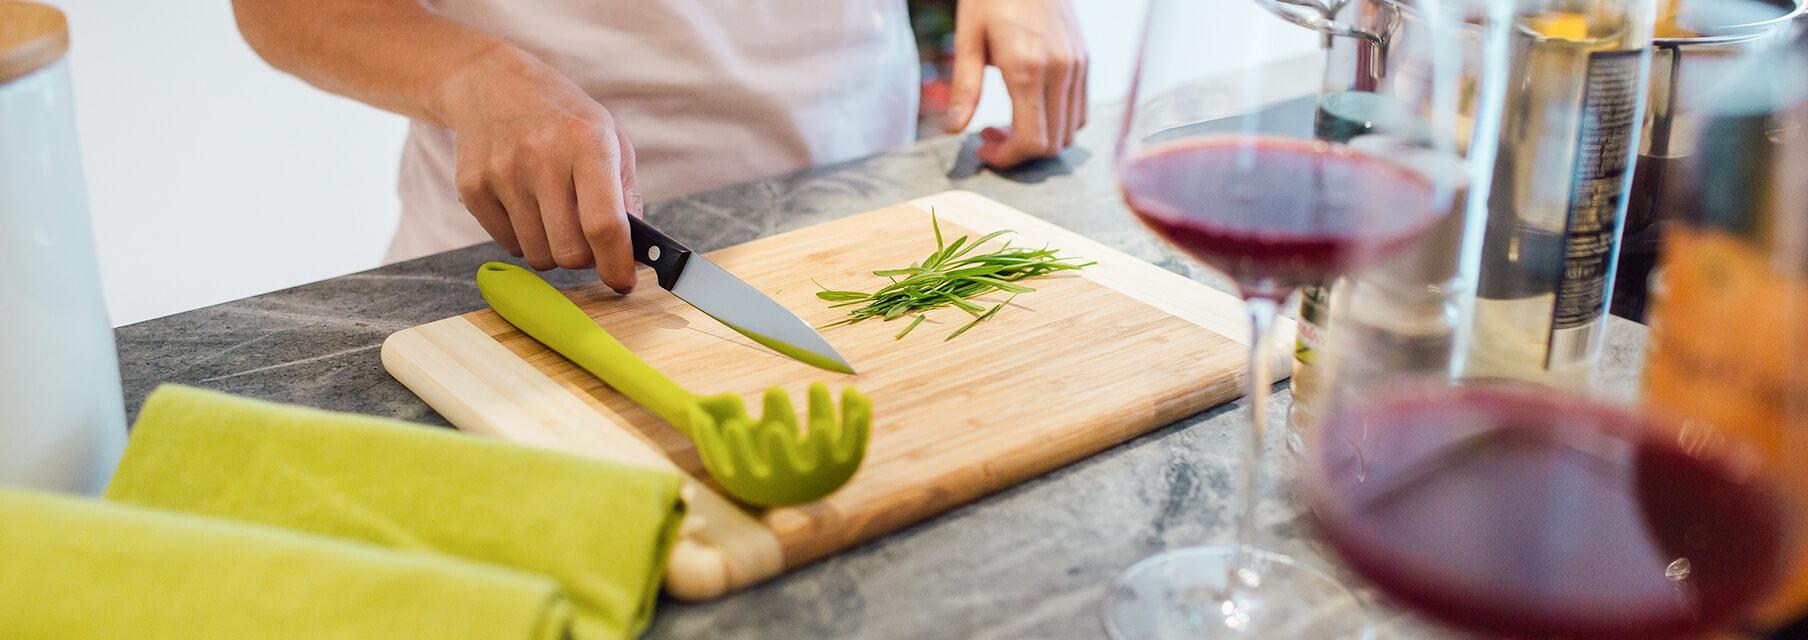 blat kuchenny z deską do krojenia, jedzeniem i winem